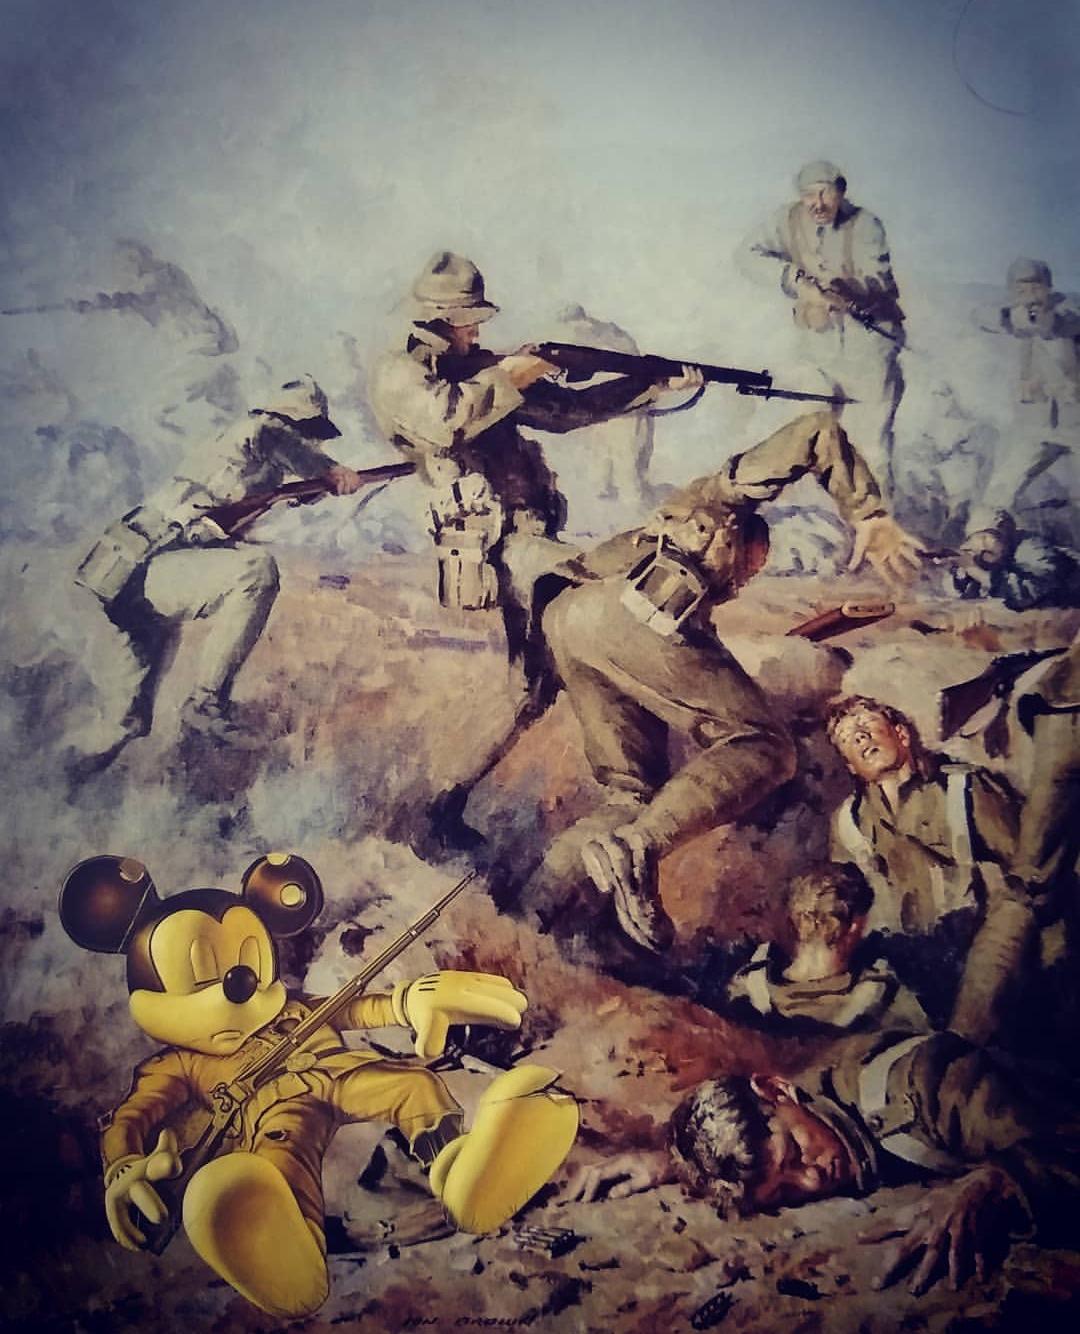 A Guerra / Ilusões Perdidas, 2018  Tamanho: 21 x 30 cm  Técnica: Colagem  R$ 1.200,00